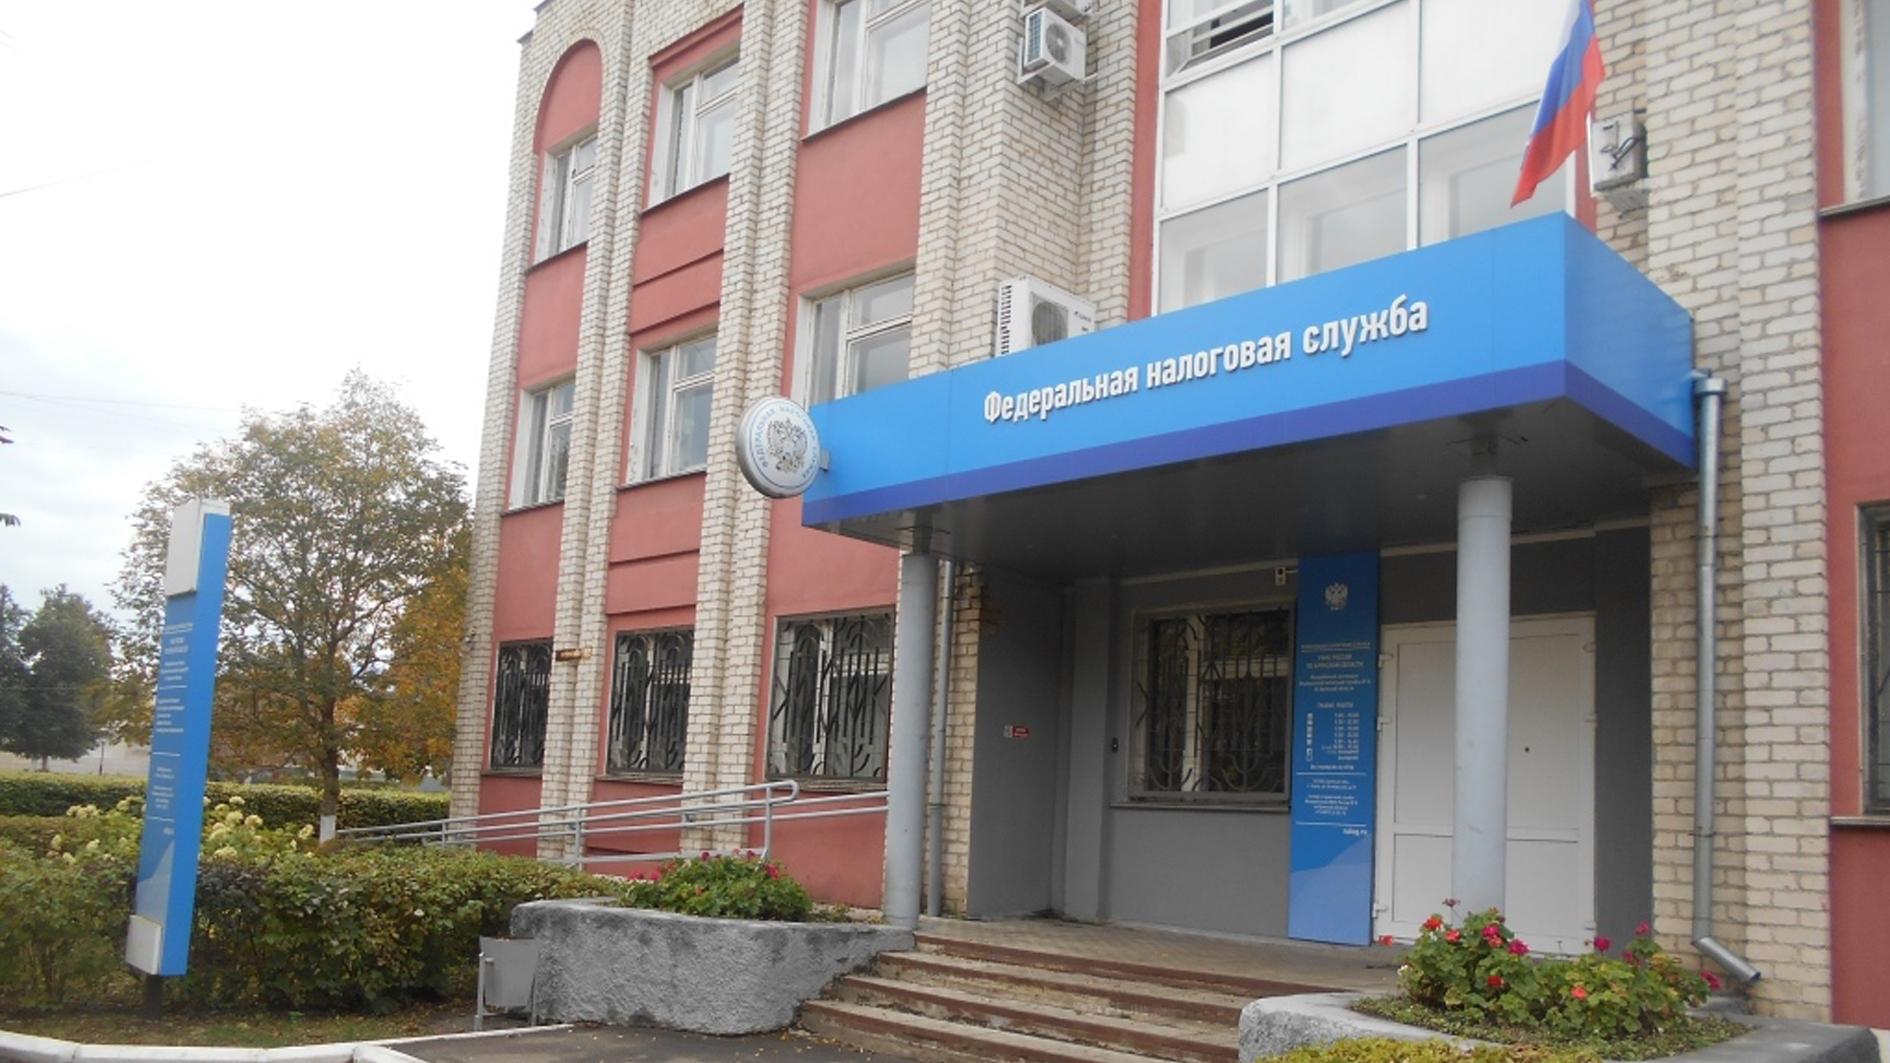 займ онлайн на карту срочно без отказа круглосуточно казахстан